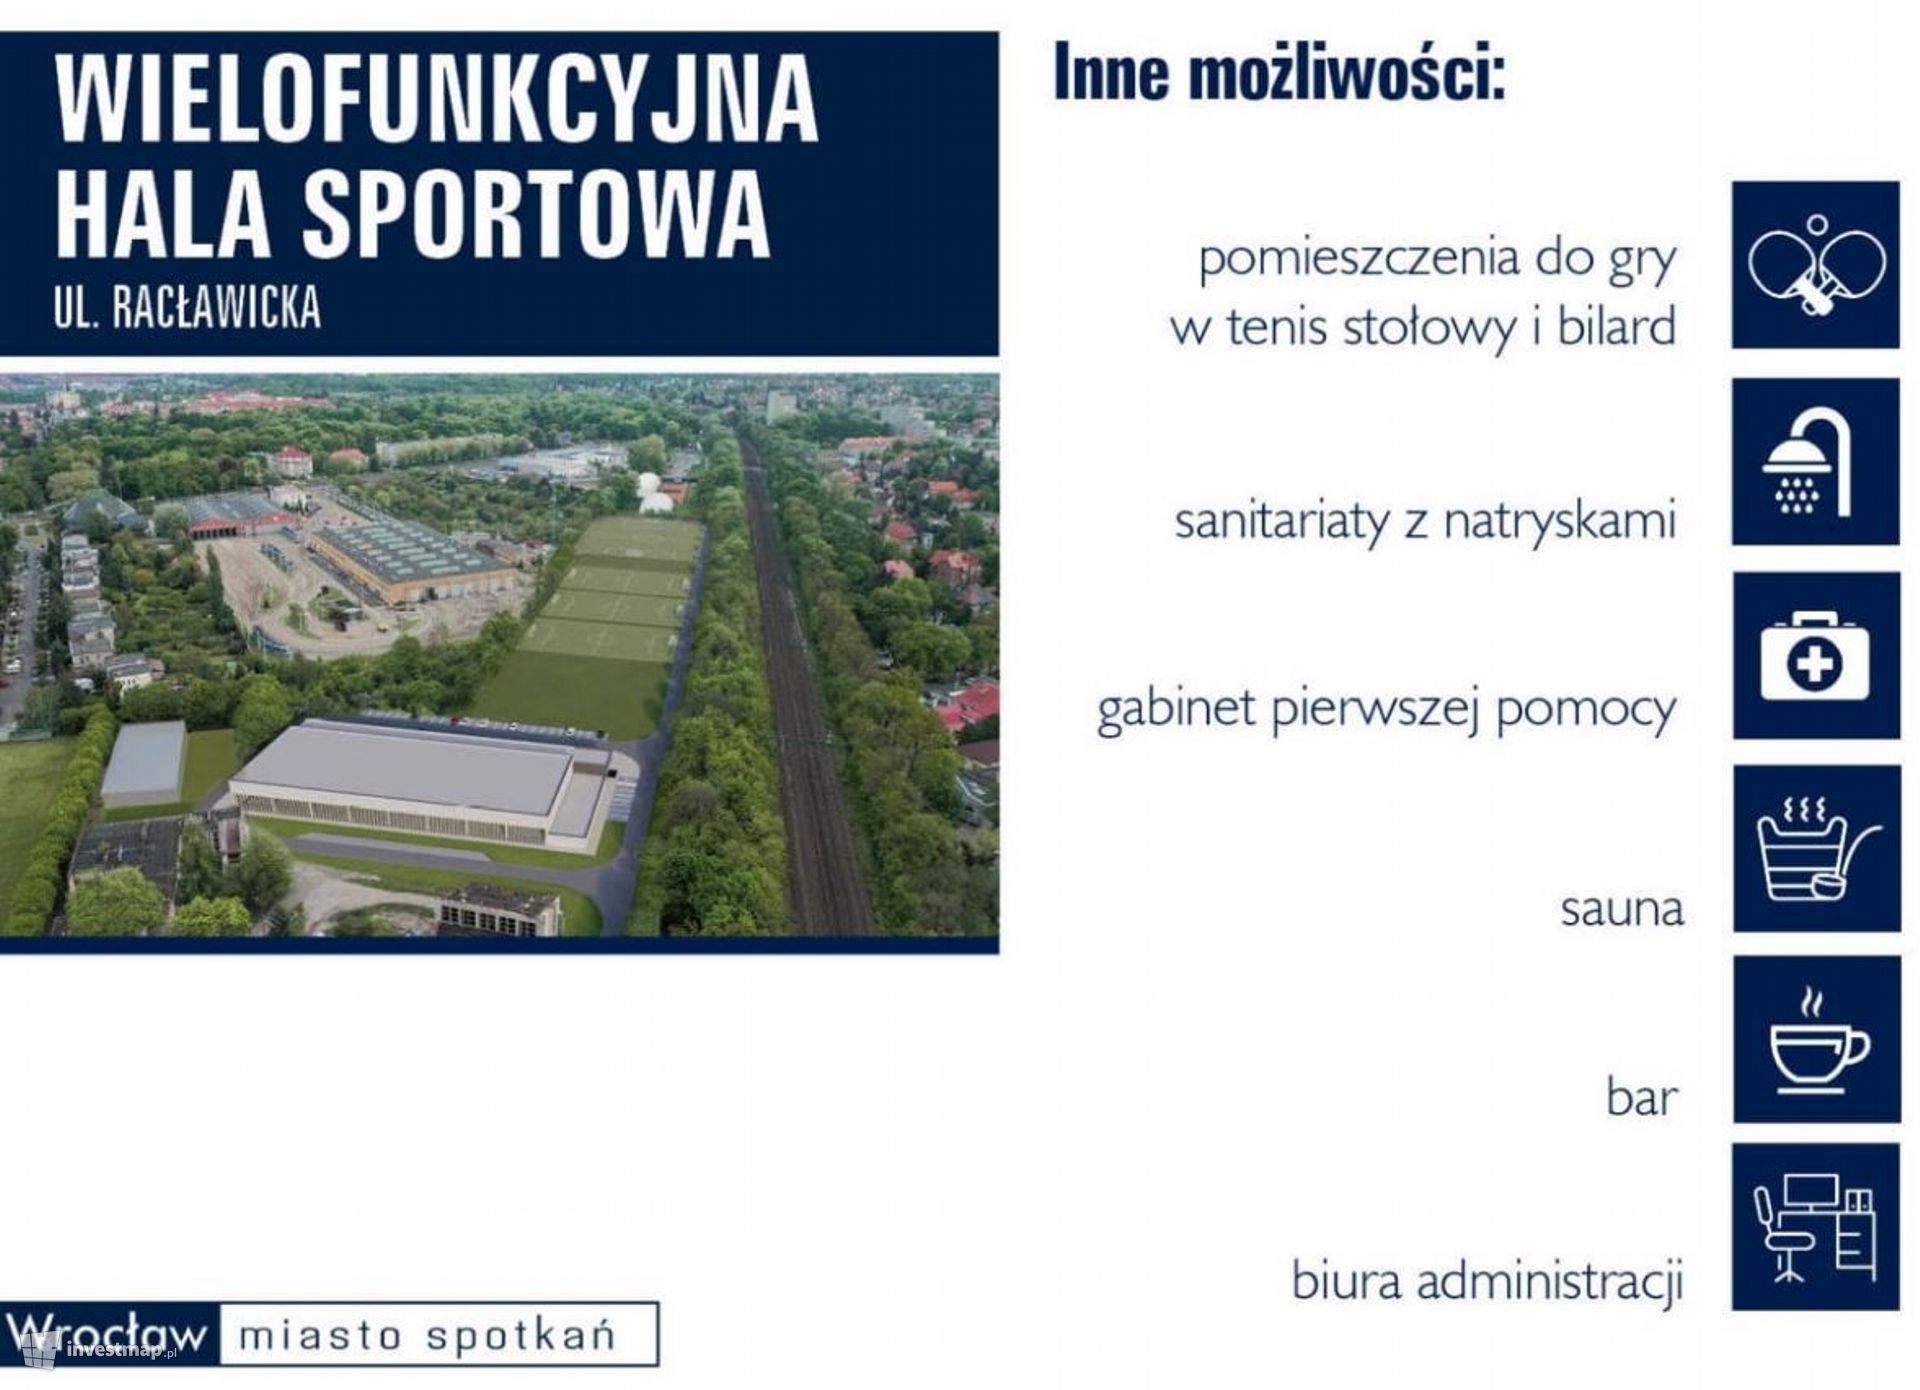 Hala sportowa, ul. Racławicka 62